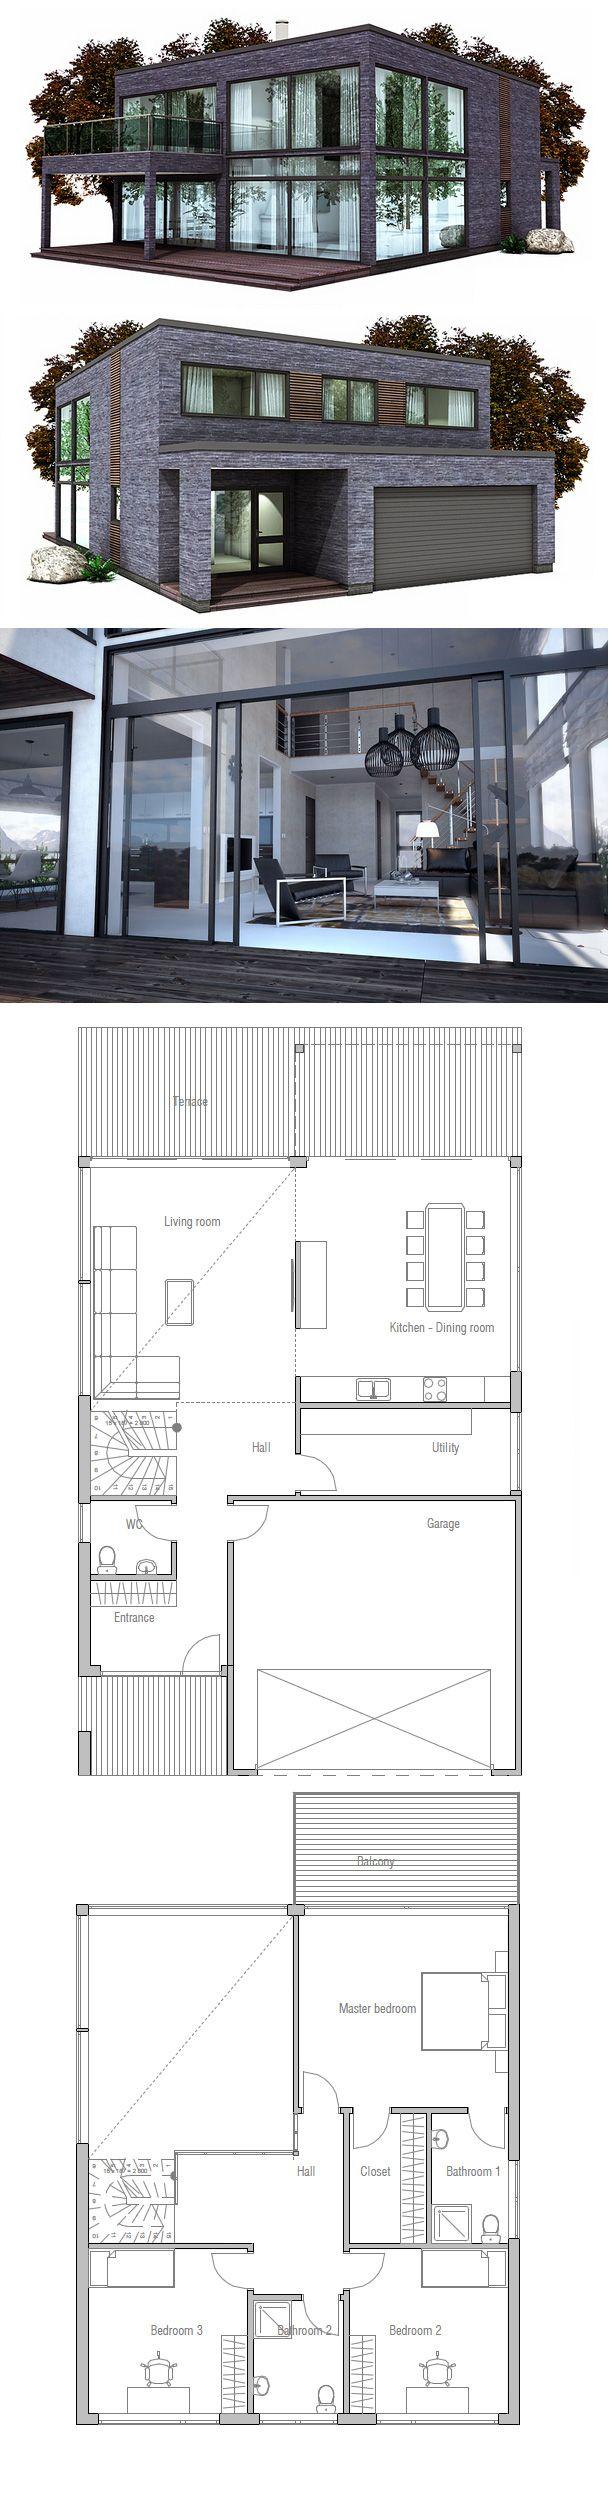 Küchenplan grundriss house plan modern minimalist architecture  floorplans  pinterest